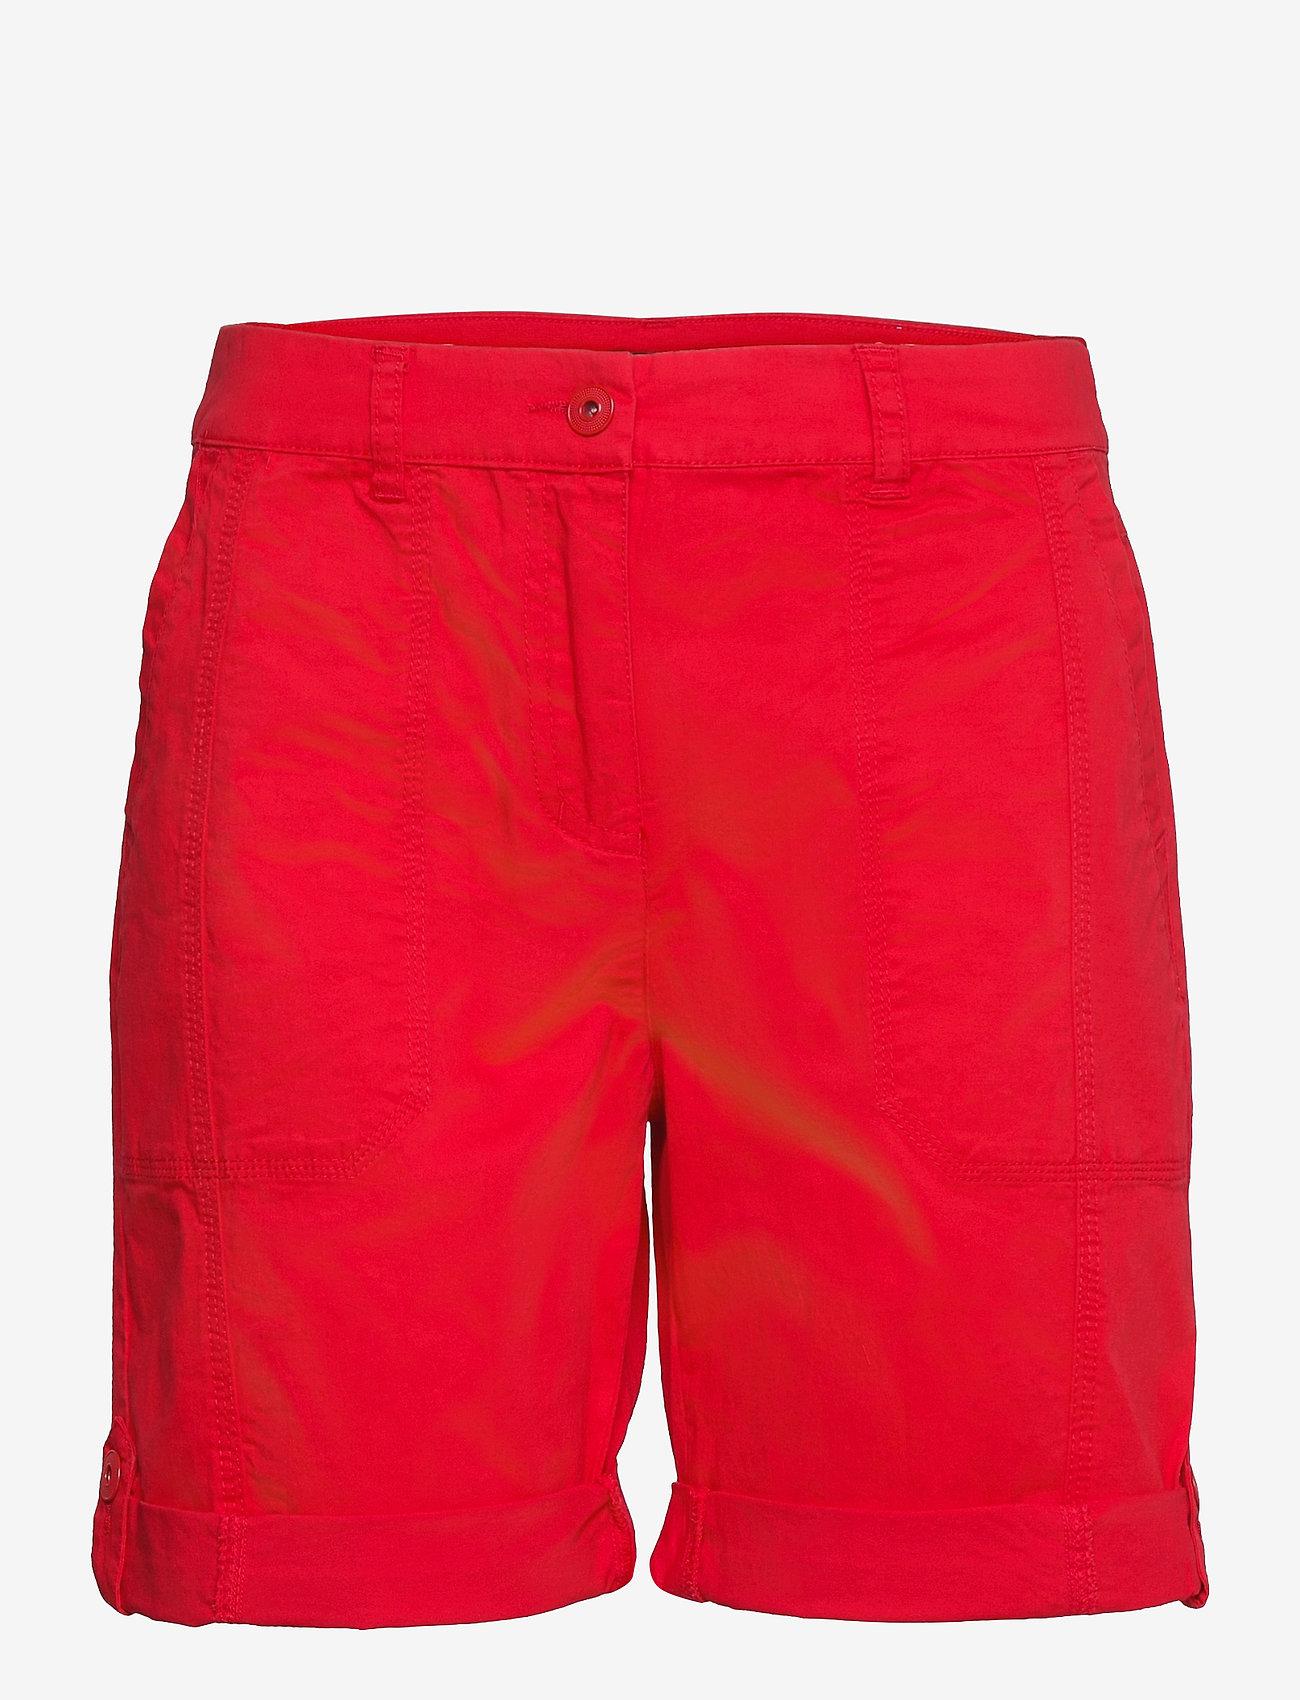 Brandtex - Casual shorts - shorts casual - racing red - 1